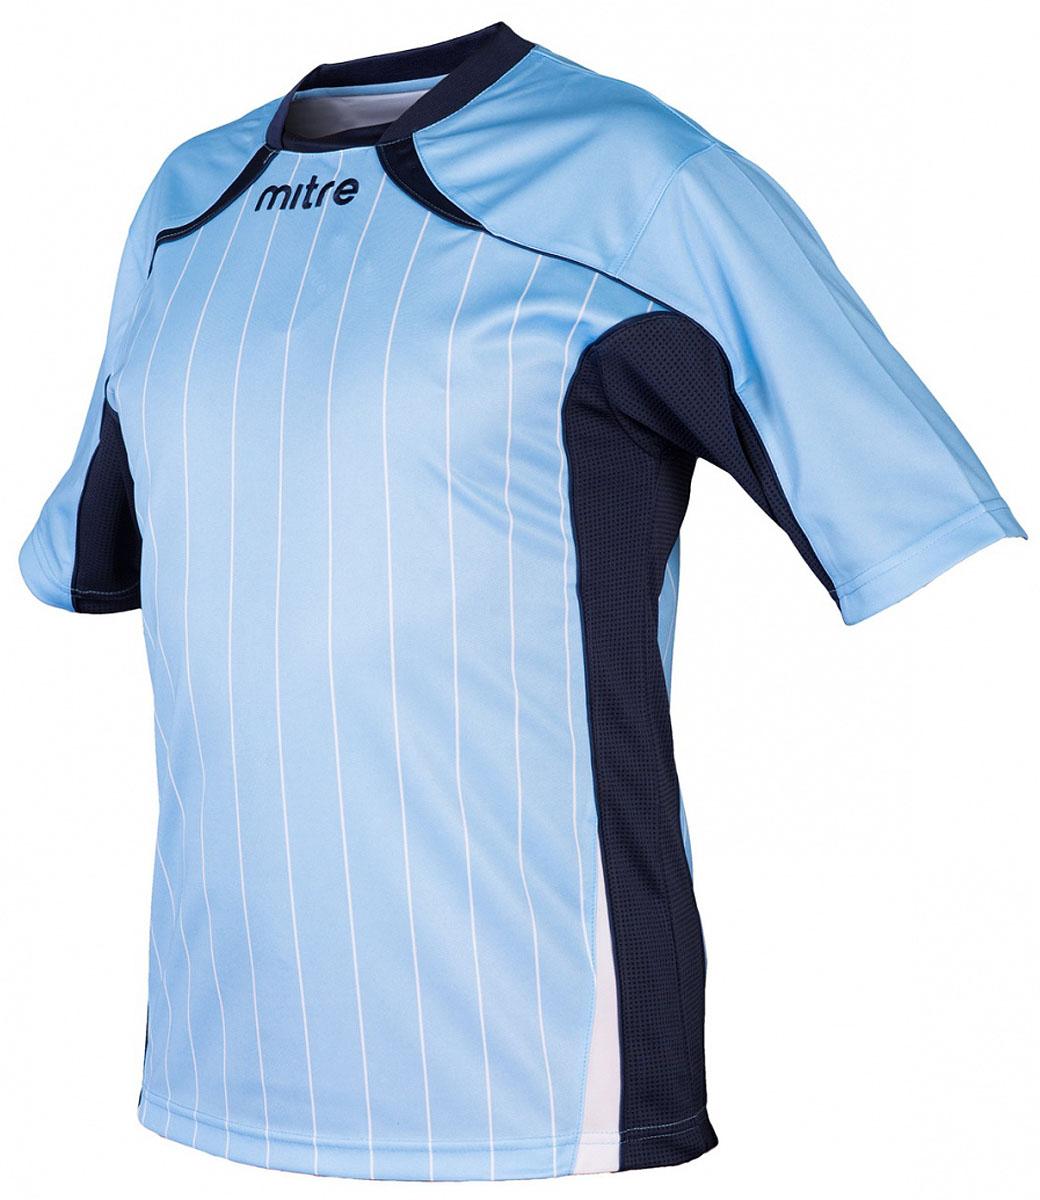 Футболка для мальчика Mitre, цвет: голубой. 5T40051BSKN. Размер 1465T40051BSKNФутболка для мальчика Mitre выполнена из полиэстера. Модель оснащена удобным эластичным воротом. Сетчатые полосы ткани по бокам футболки улучшают вентиляцию тела.